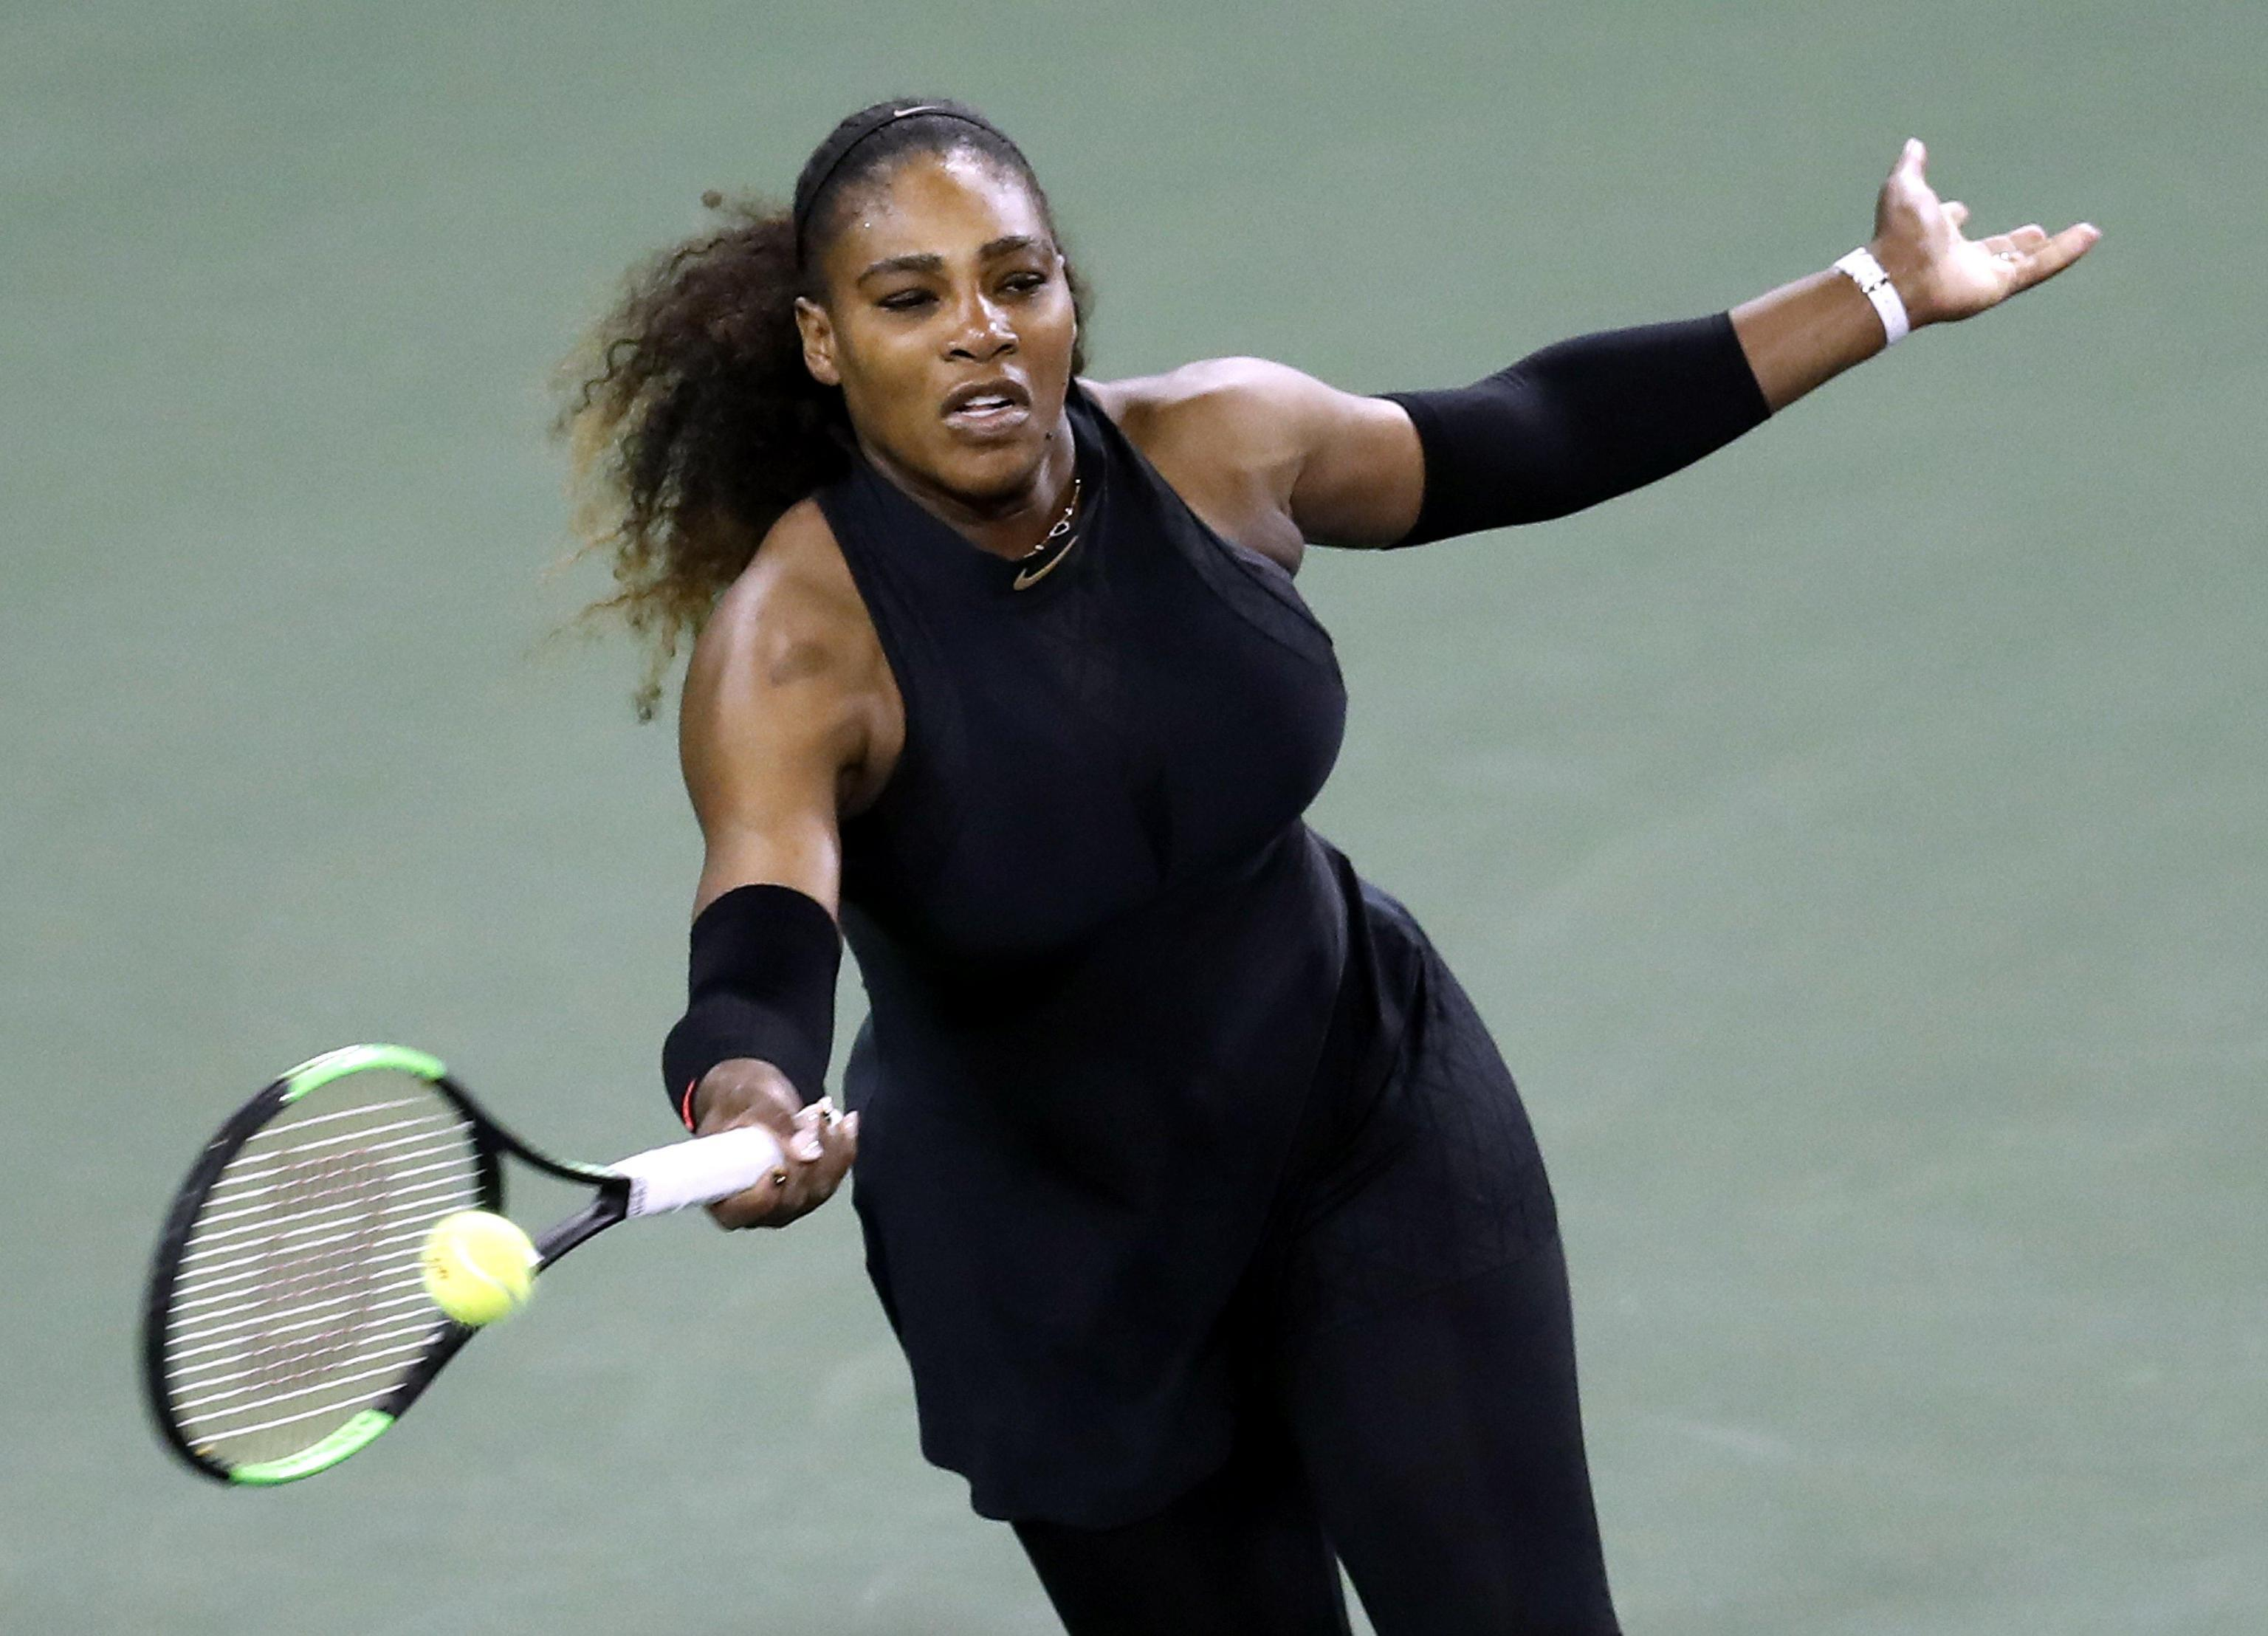 Il ritorno, vincente, di Serena Williams: